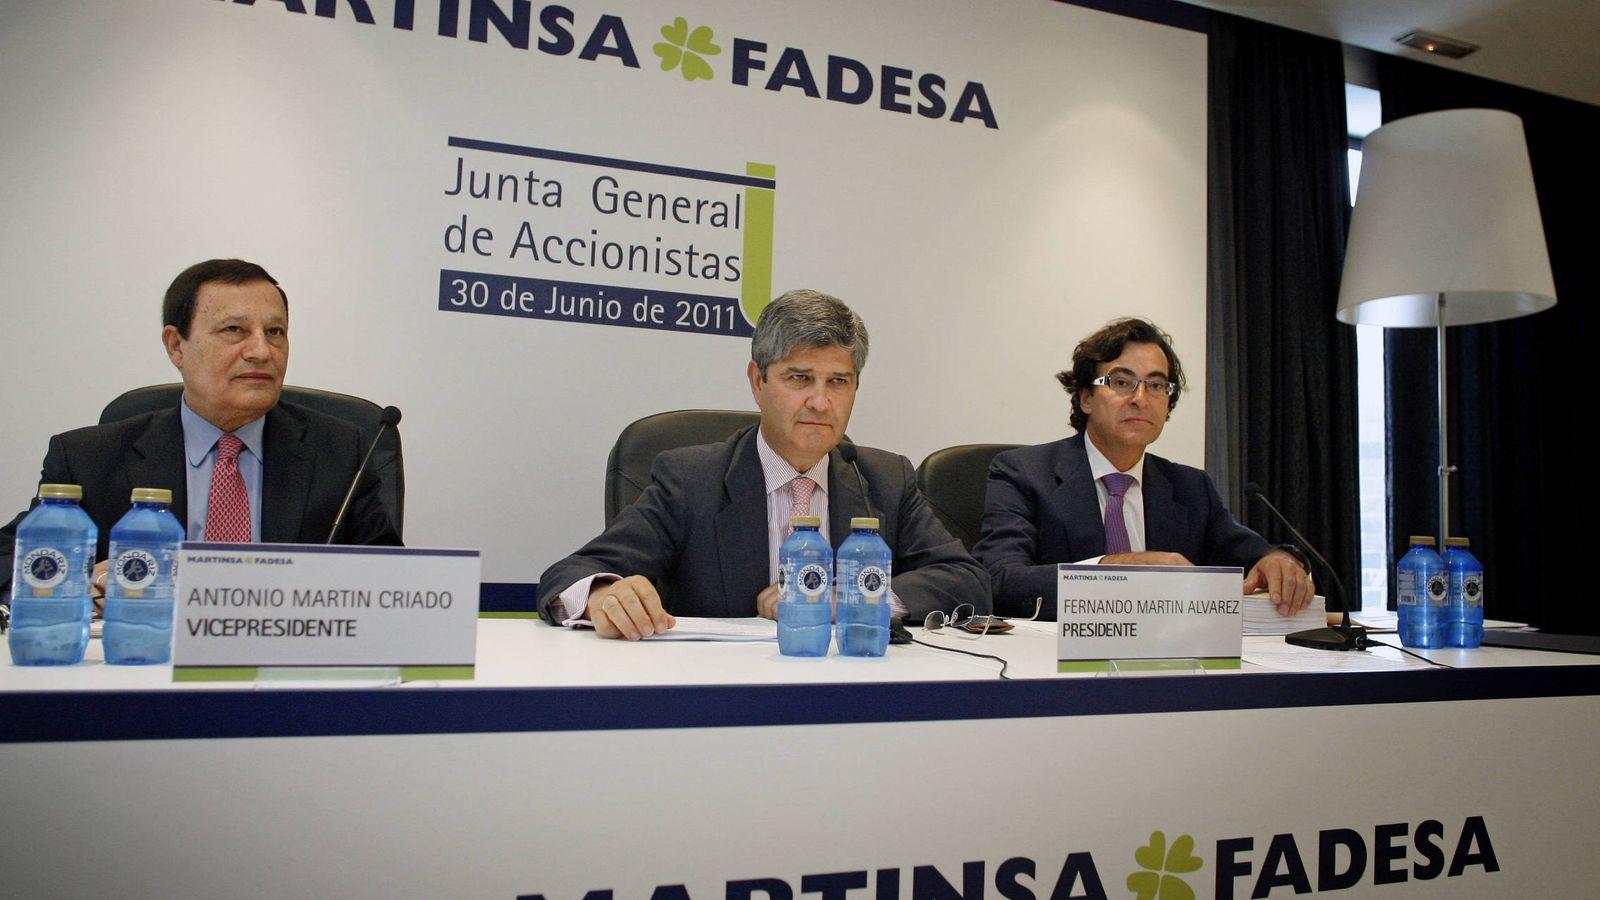 Foto: Fernando Martín, en el centro, antes de la caída de Martinsa-Fadesa. (EFE)